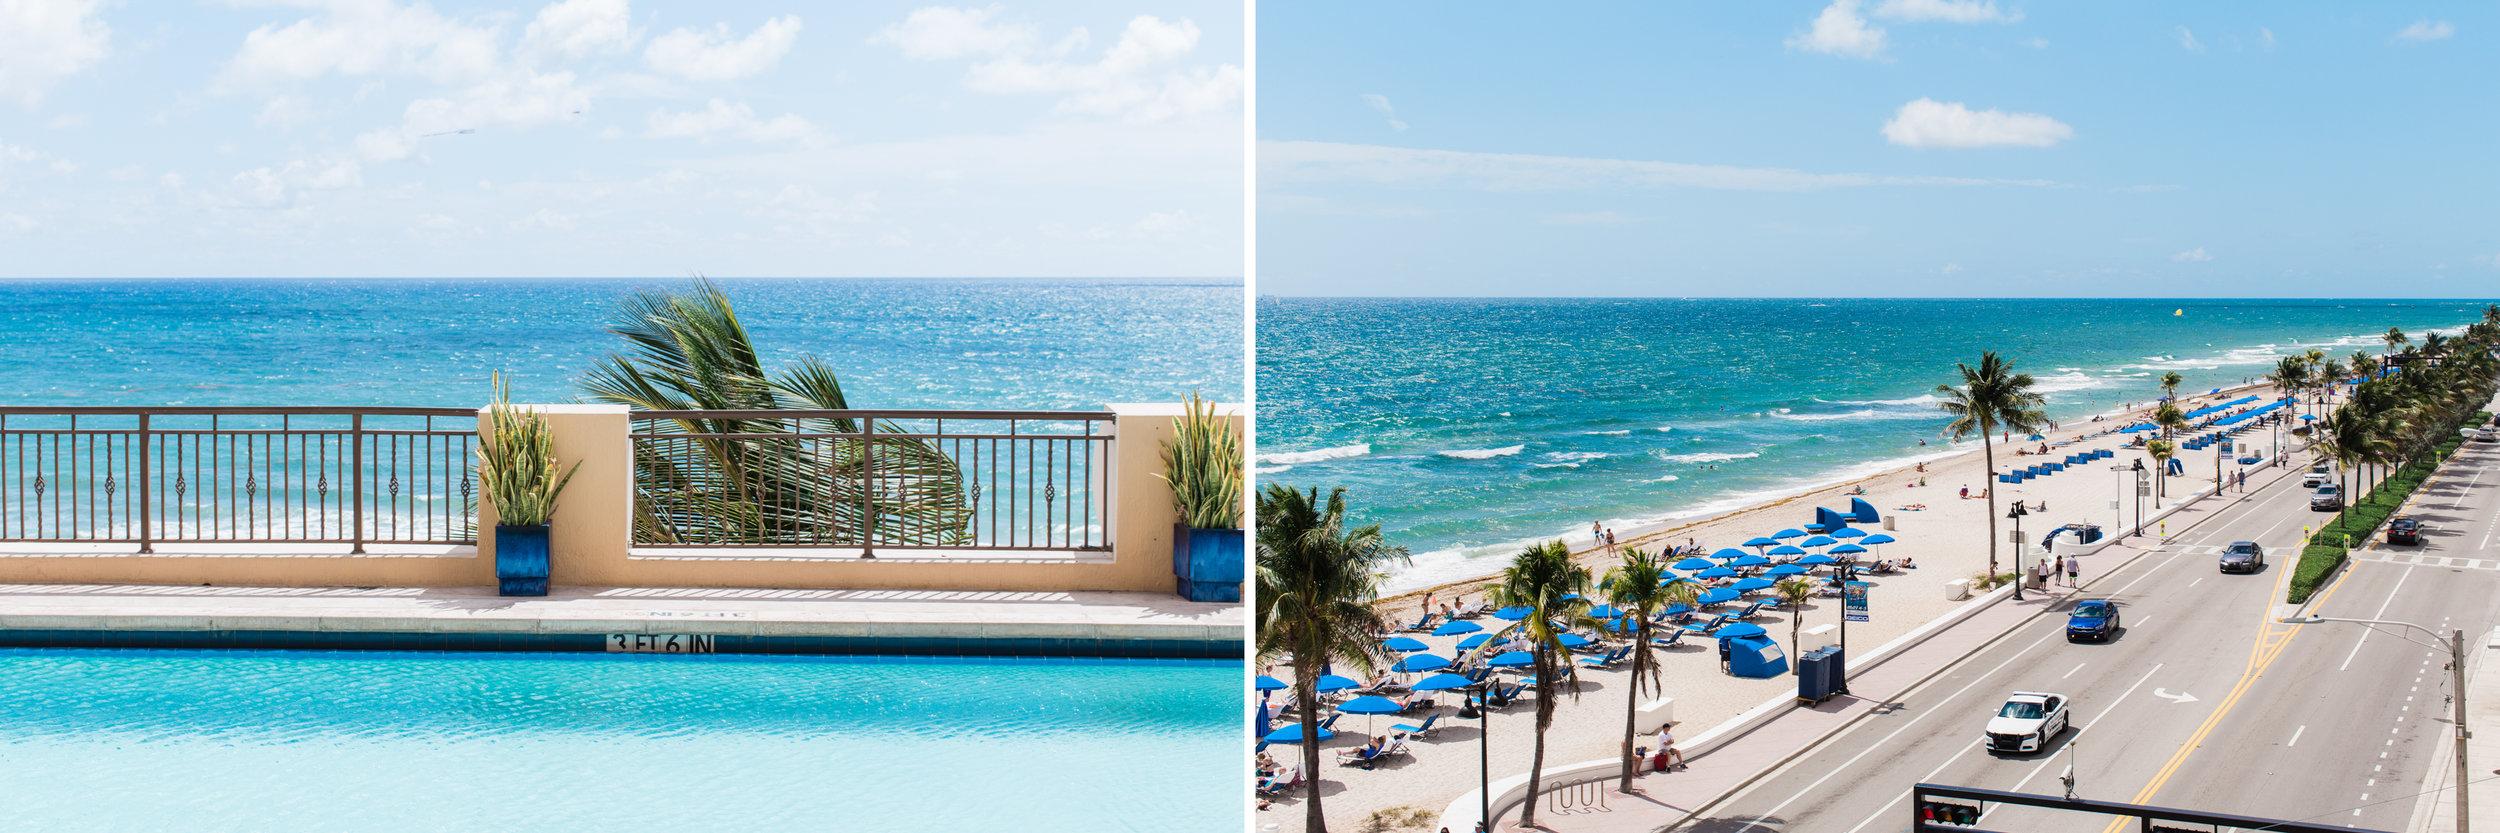 Fort-Lauderdale-Beach-views.jpg